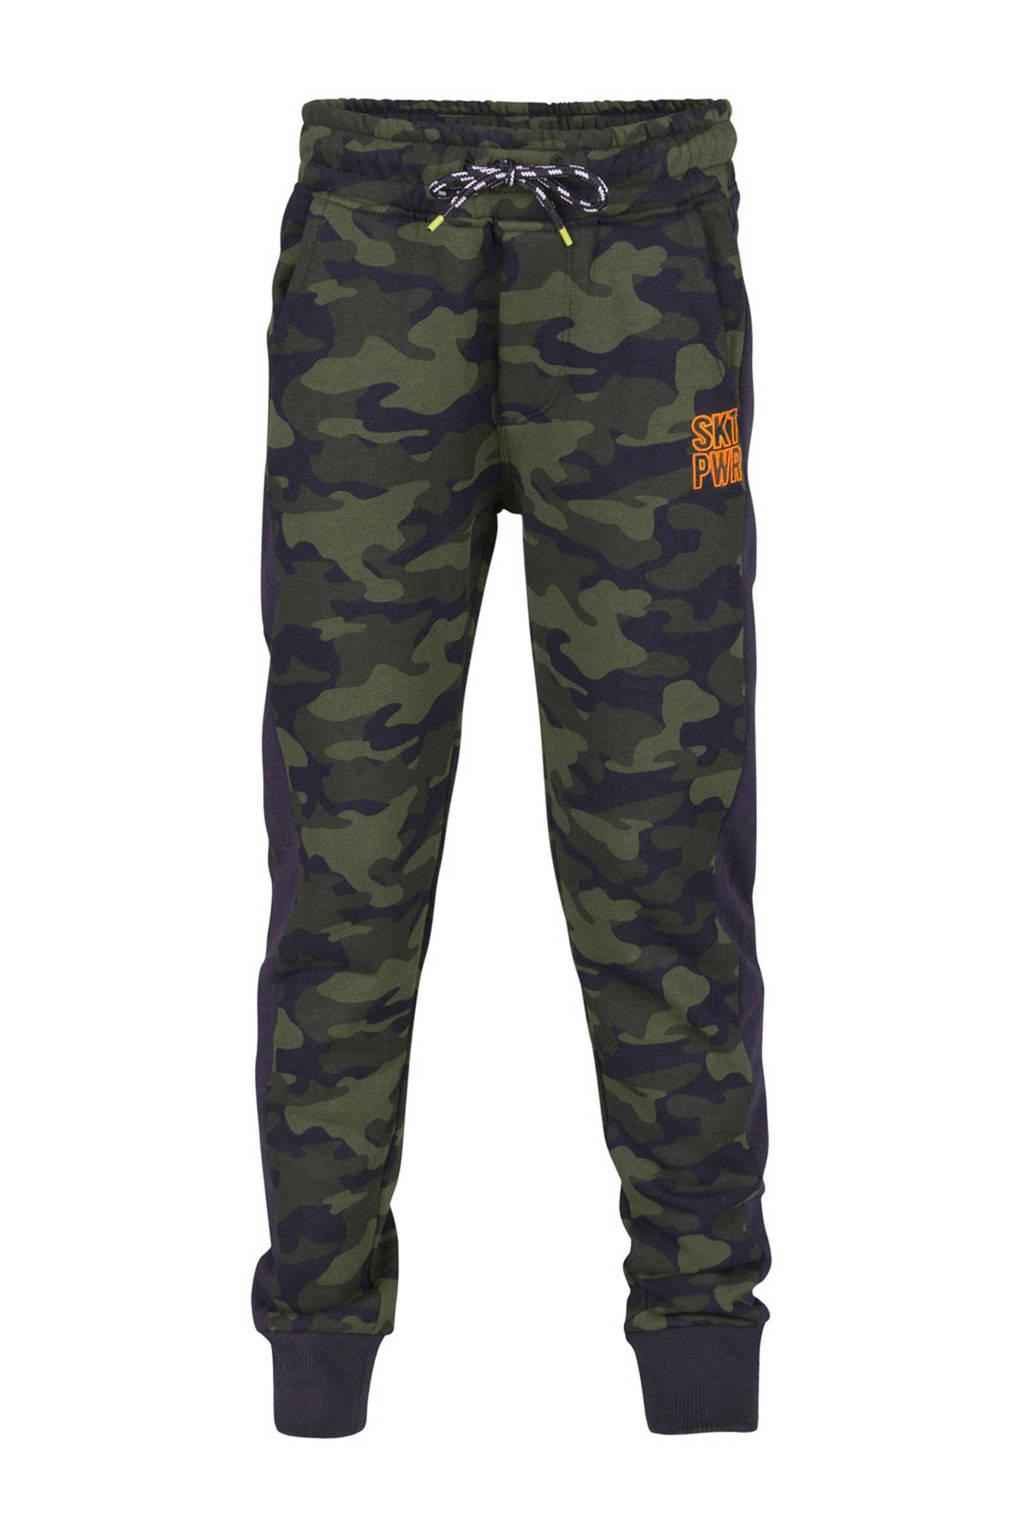 Joggingbroek 134.We Fashion Joggingbroek Met Camouflageprint Blauw Wehkamp